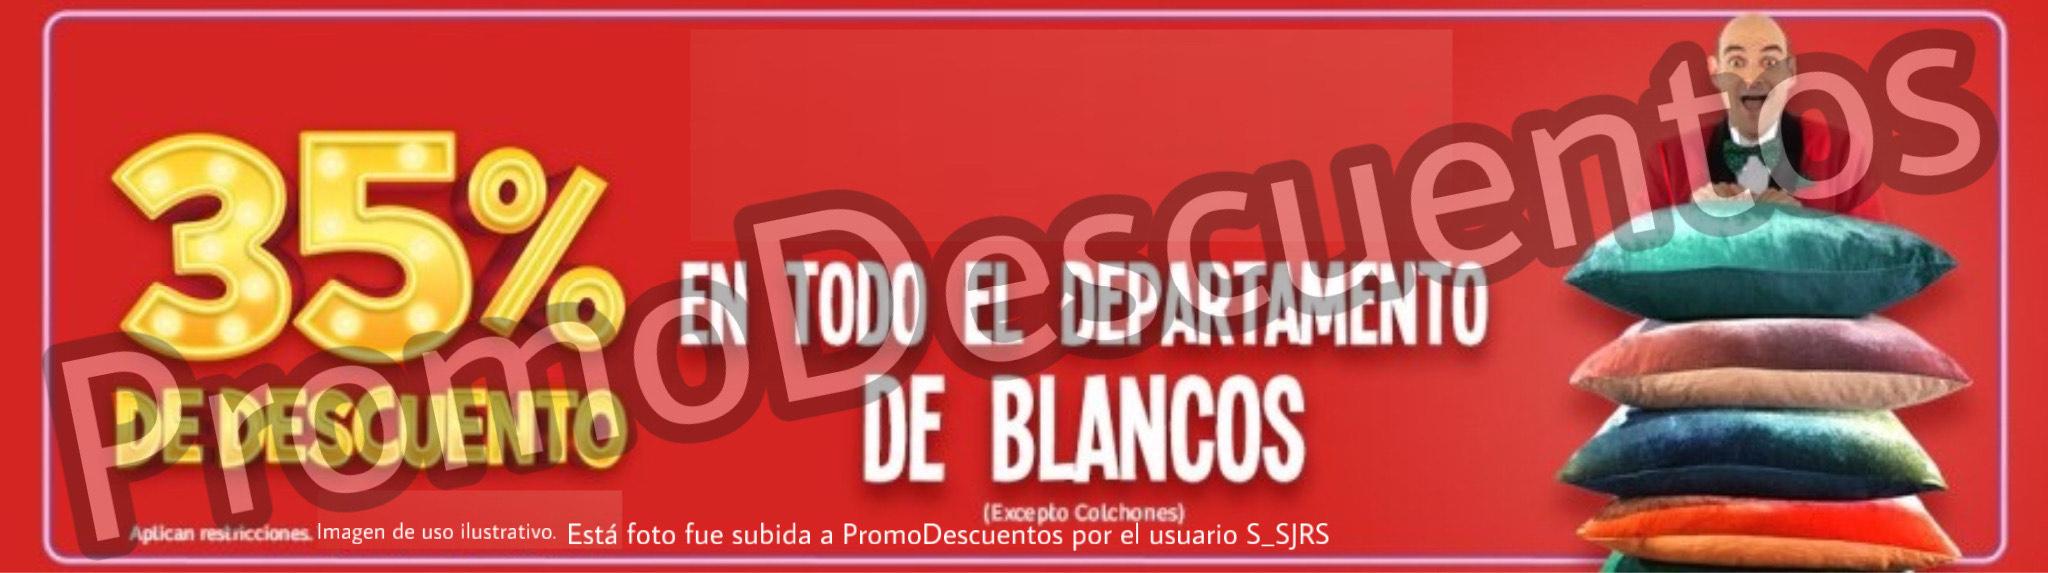 Julio Regalado 2020 en Soriana: 35% en TODO el depto de Blancos